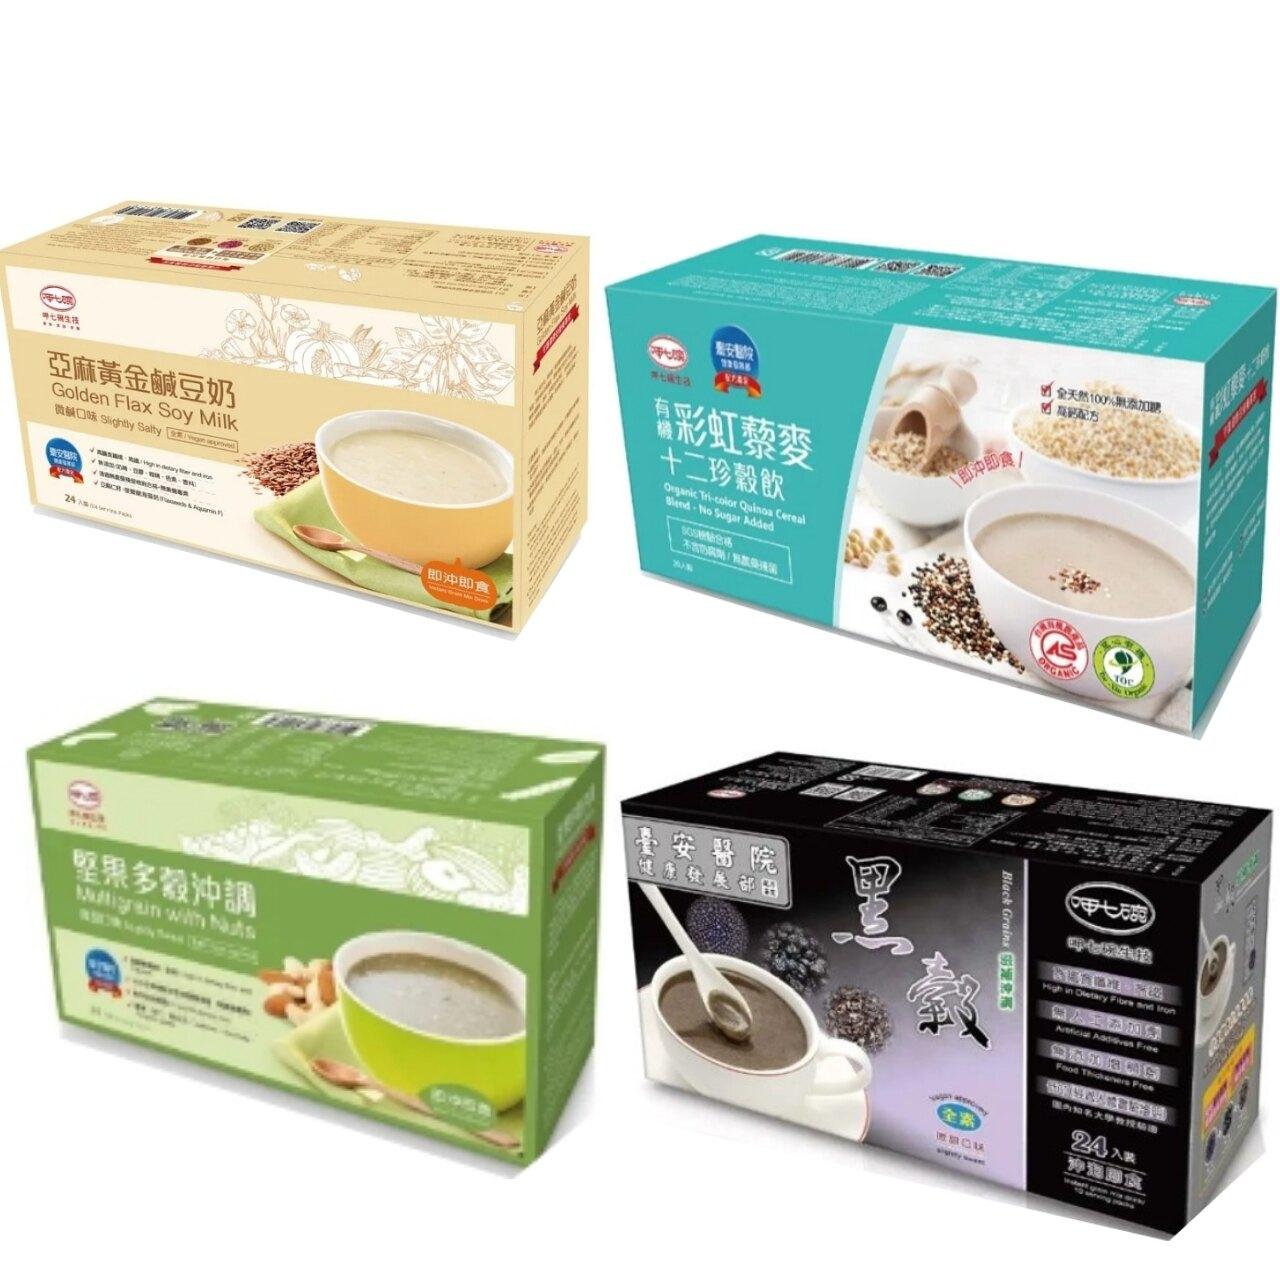 呷七碗 健康養生沖調飲/1盒+禮袋~任選7種口味任選~